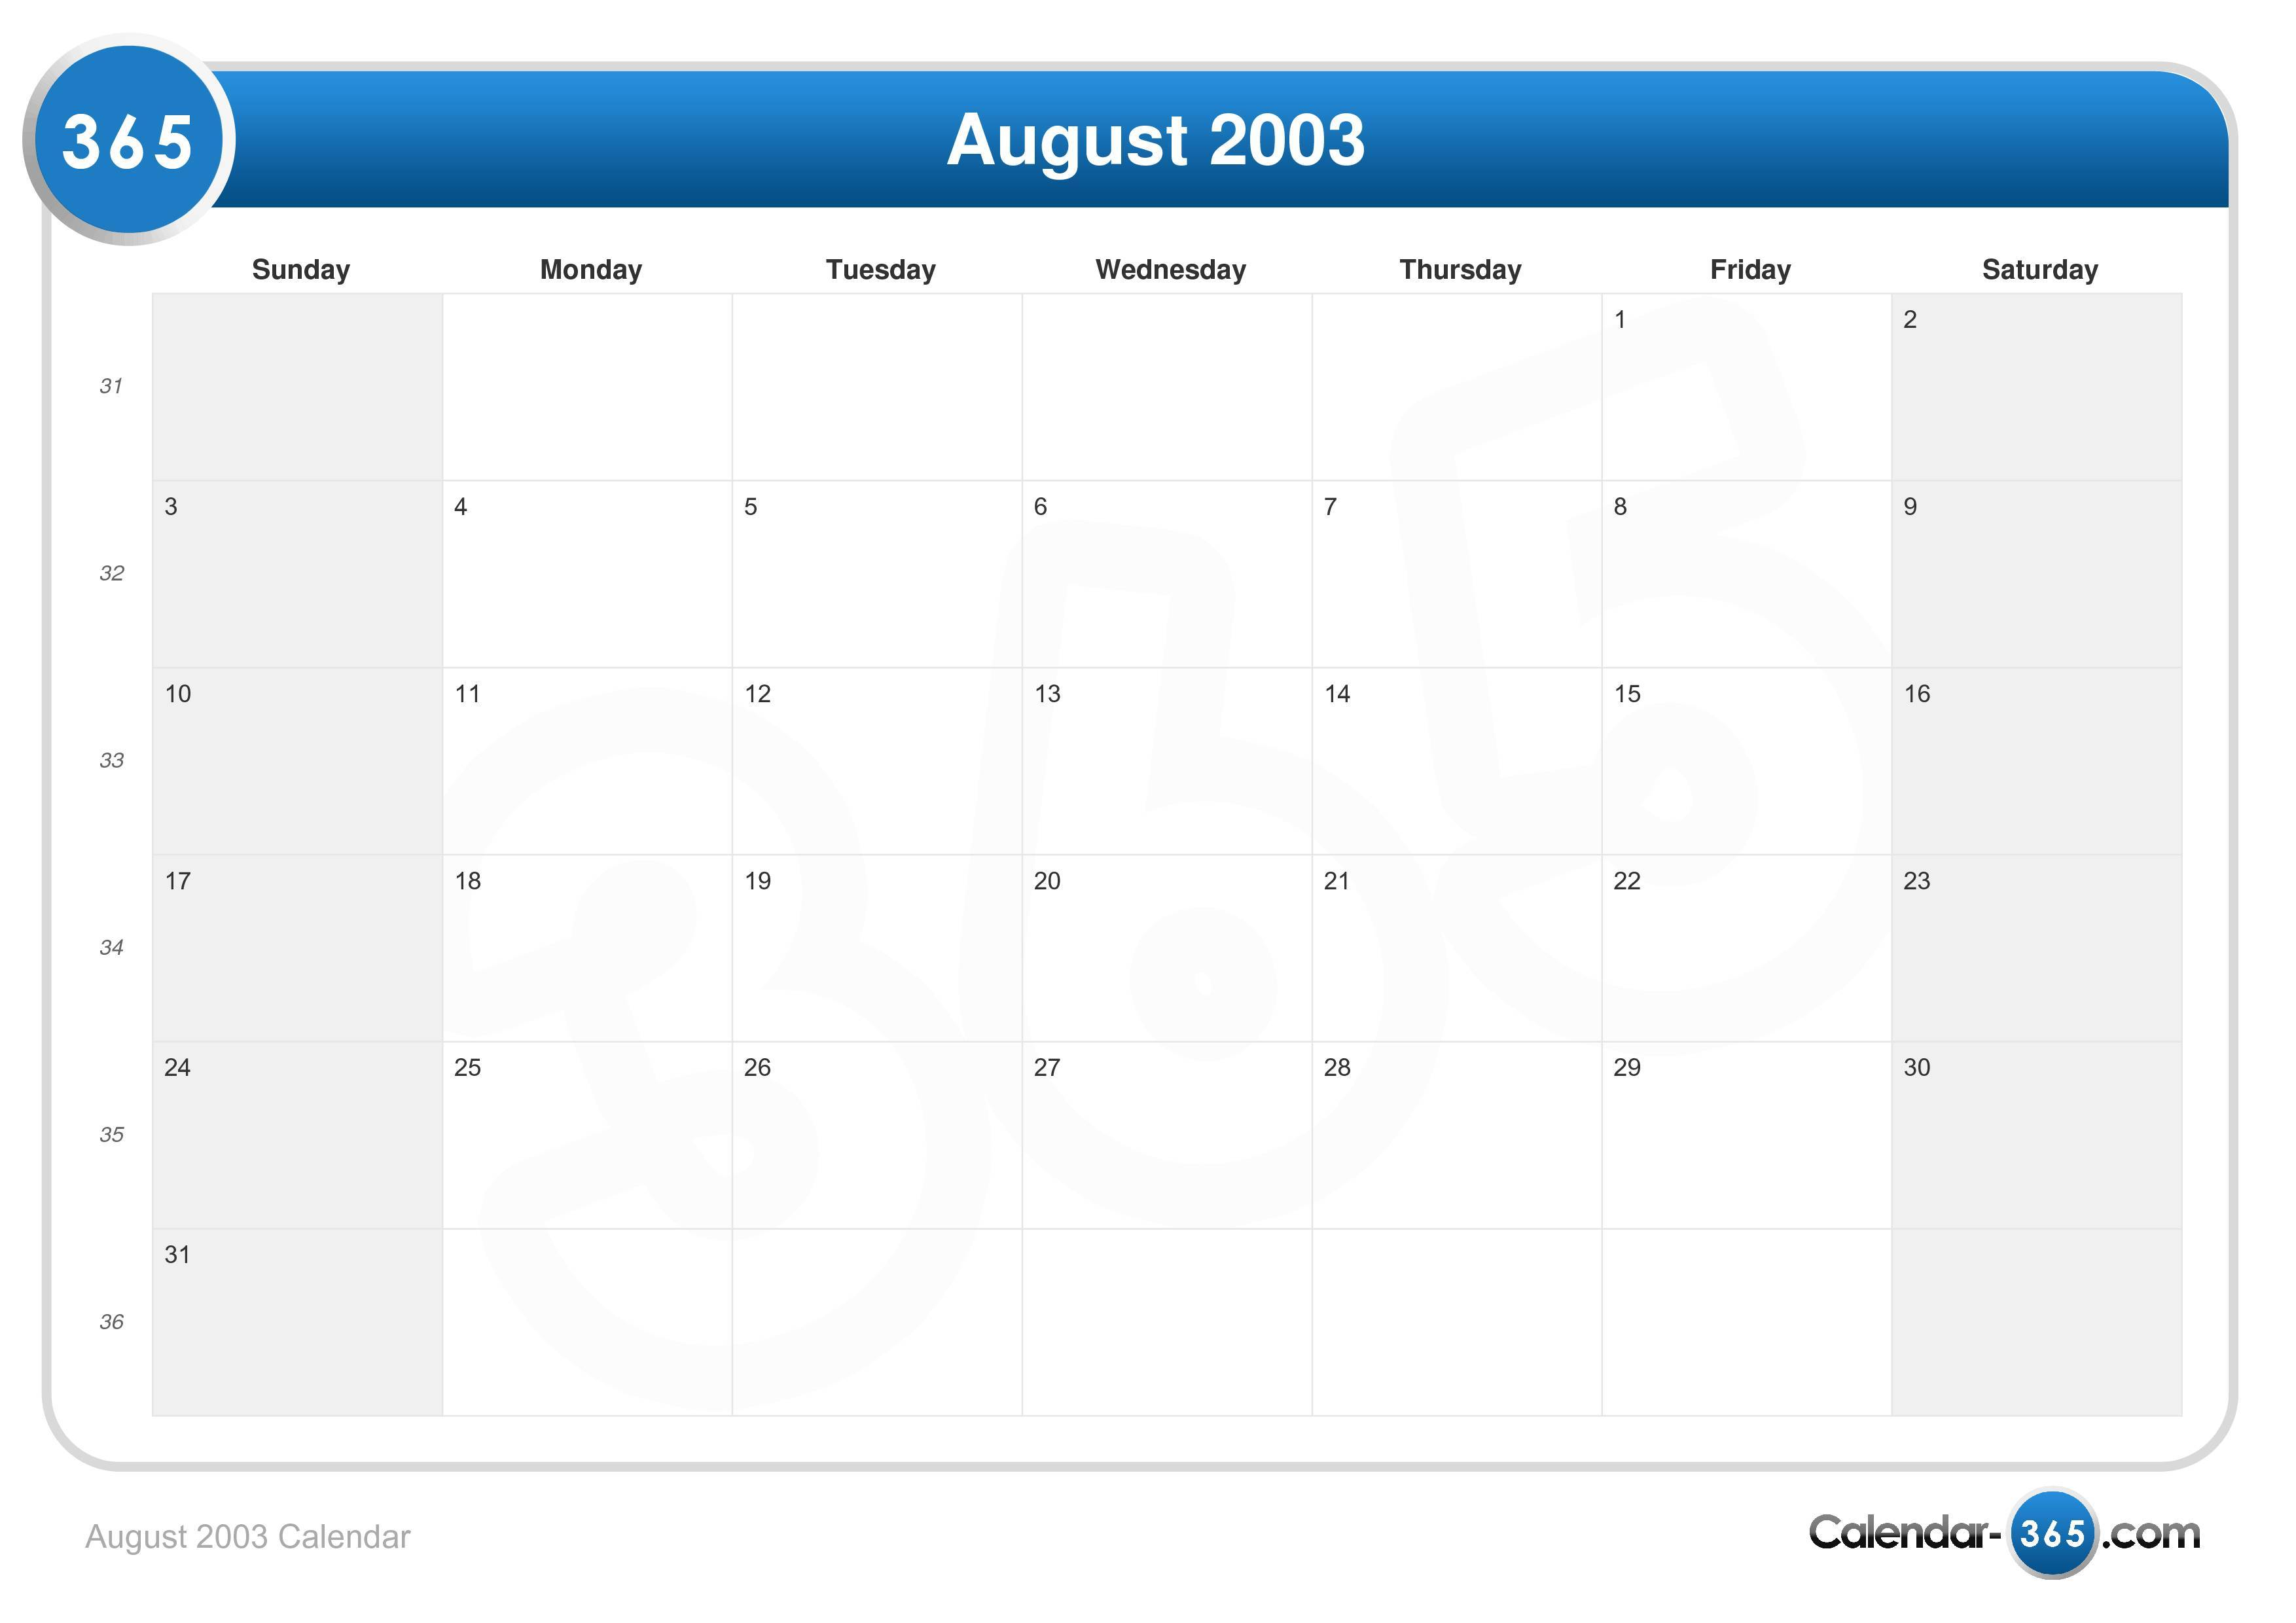 2003 calendar august